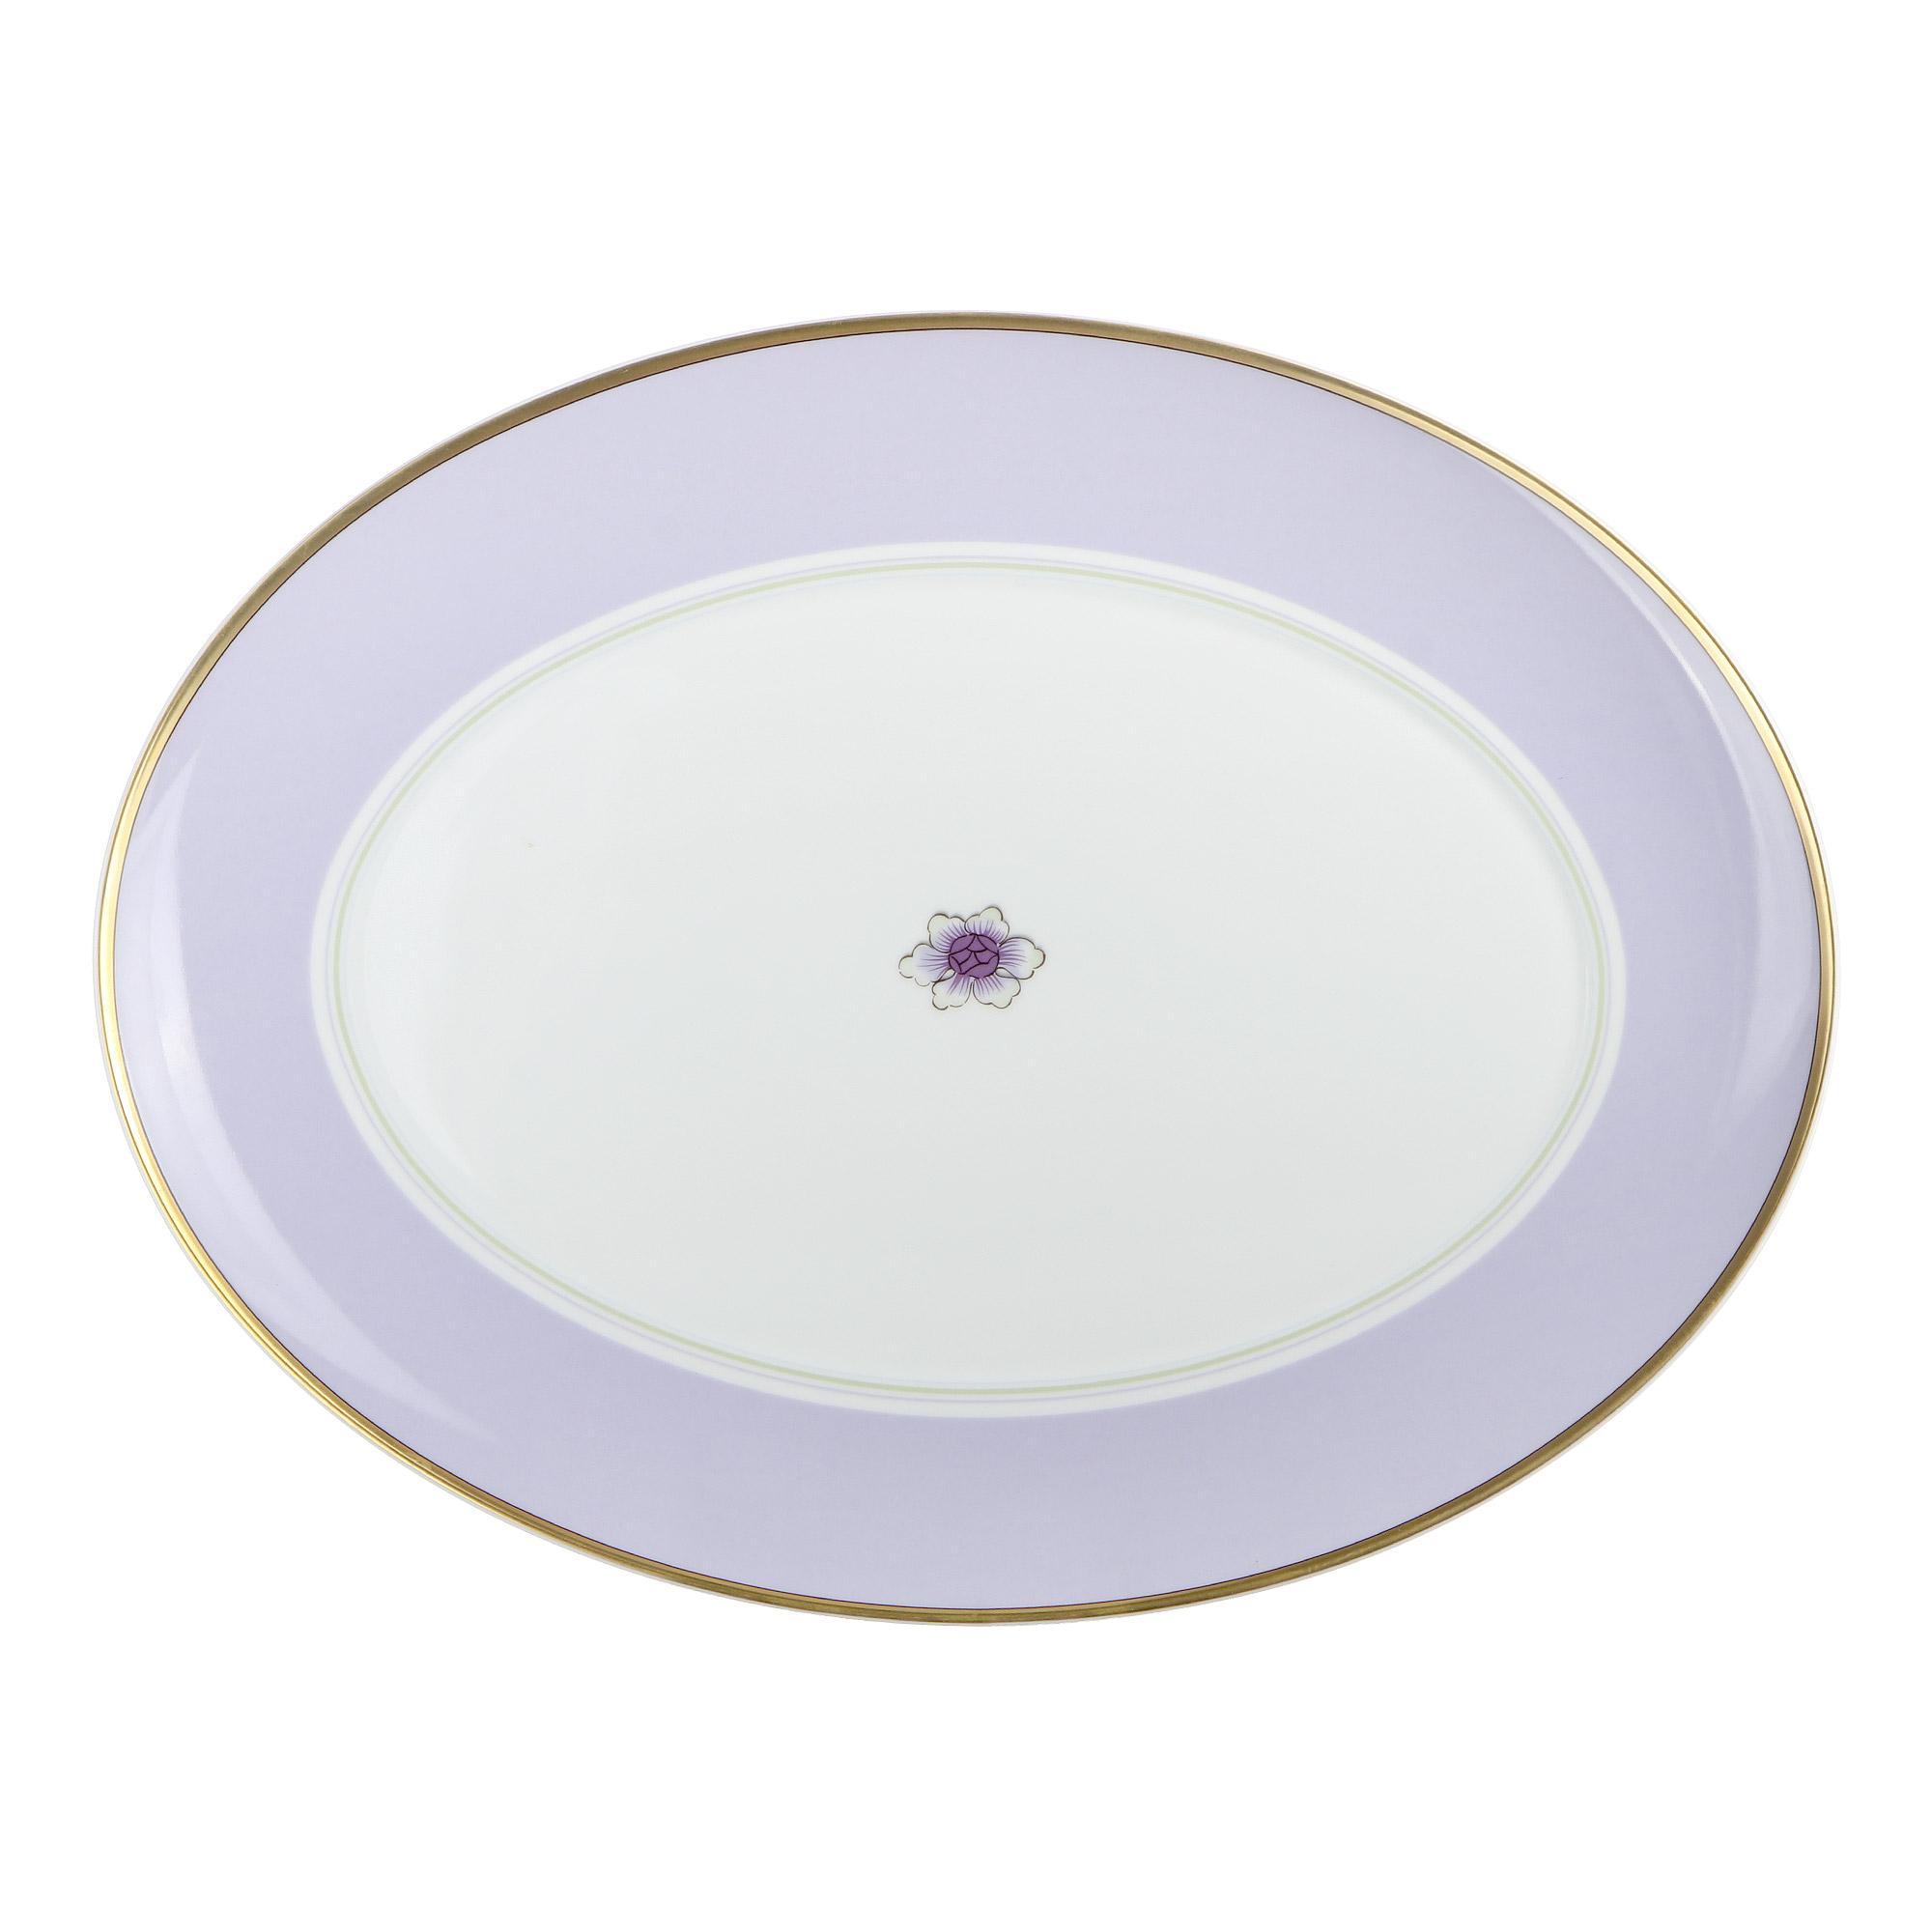 Фото - Блюдо овальное Vista Alegre Avalon фарфор 42 см стакан 160 мл синий acn21 003079573006 vista alegre